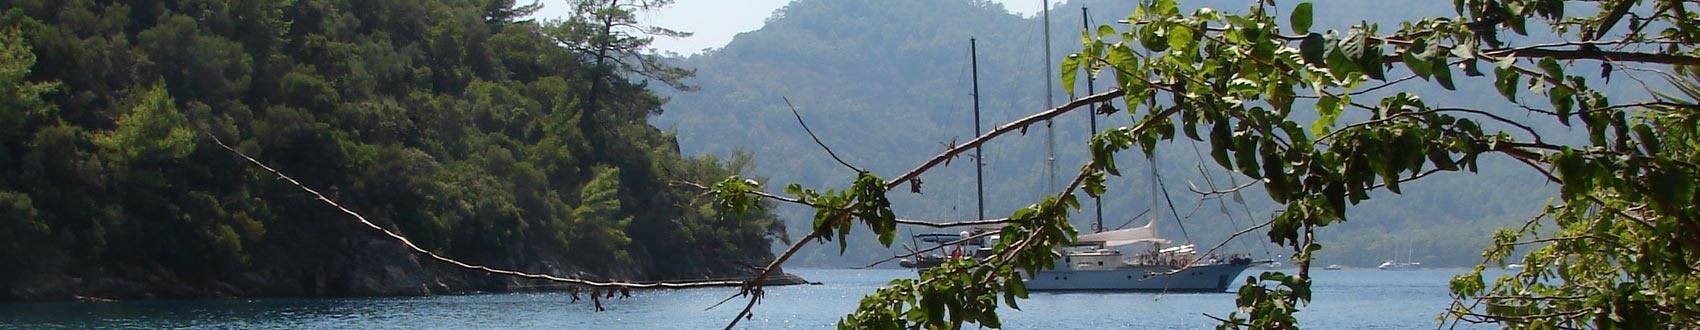 Blog - Geo-Sail